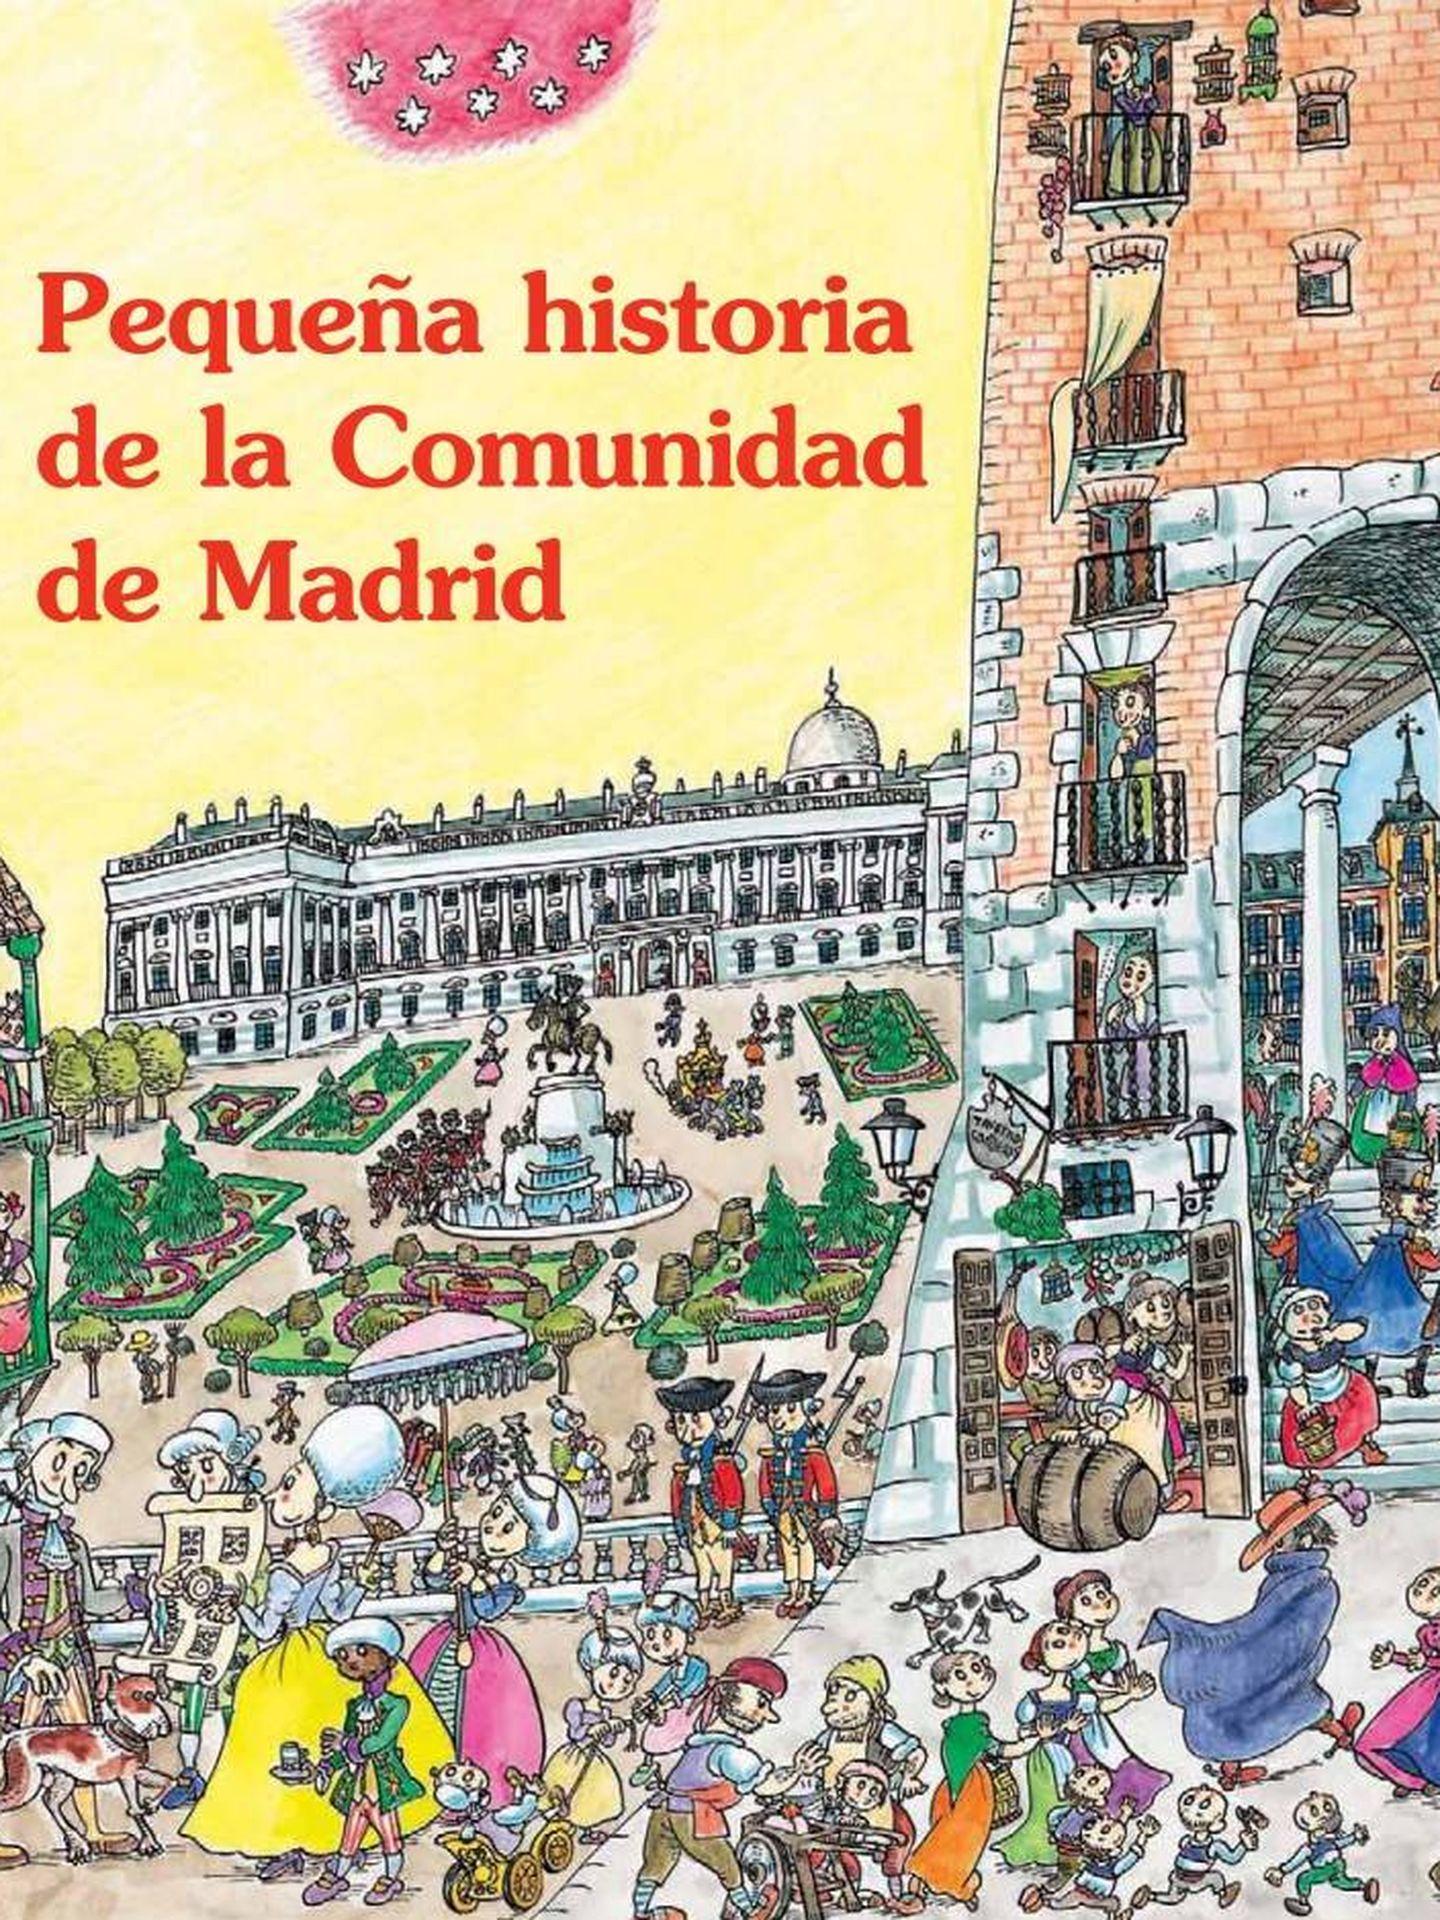 Libro ilustrado por Pilarín Bayés sobre la historia de la comunidad madrileña.